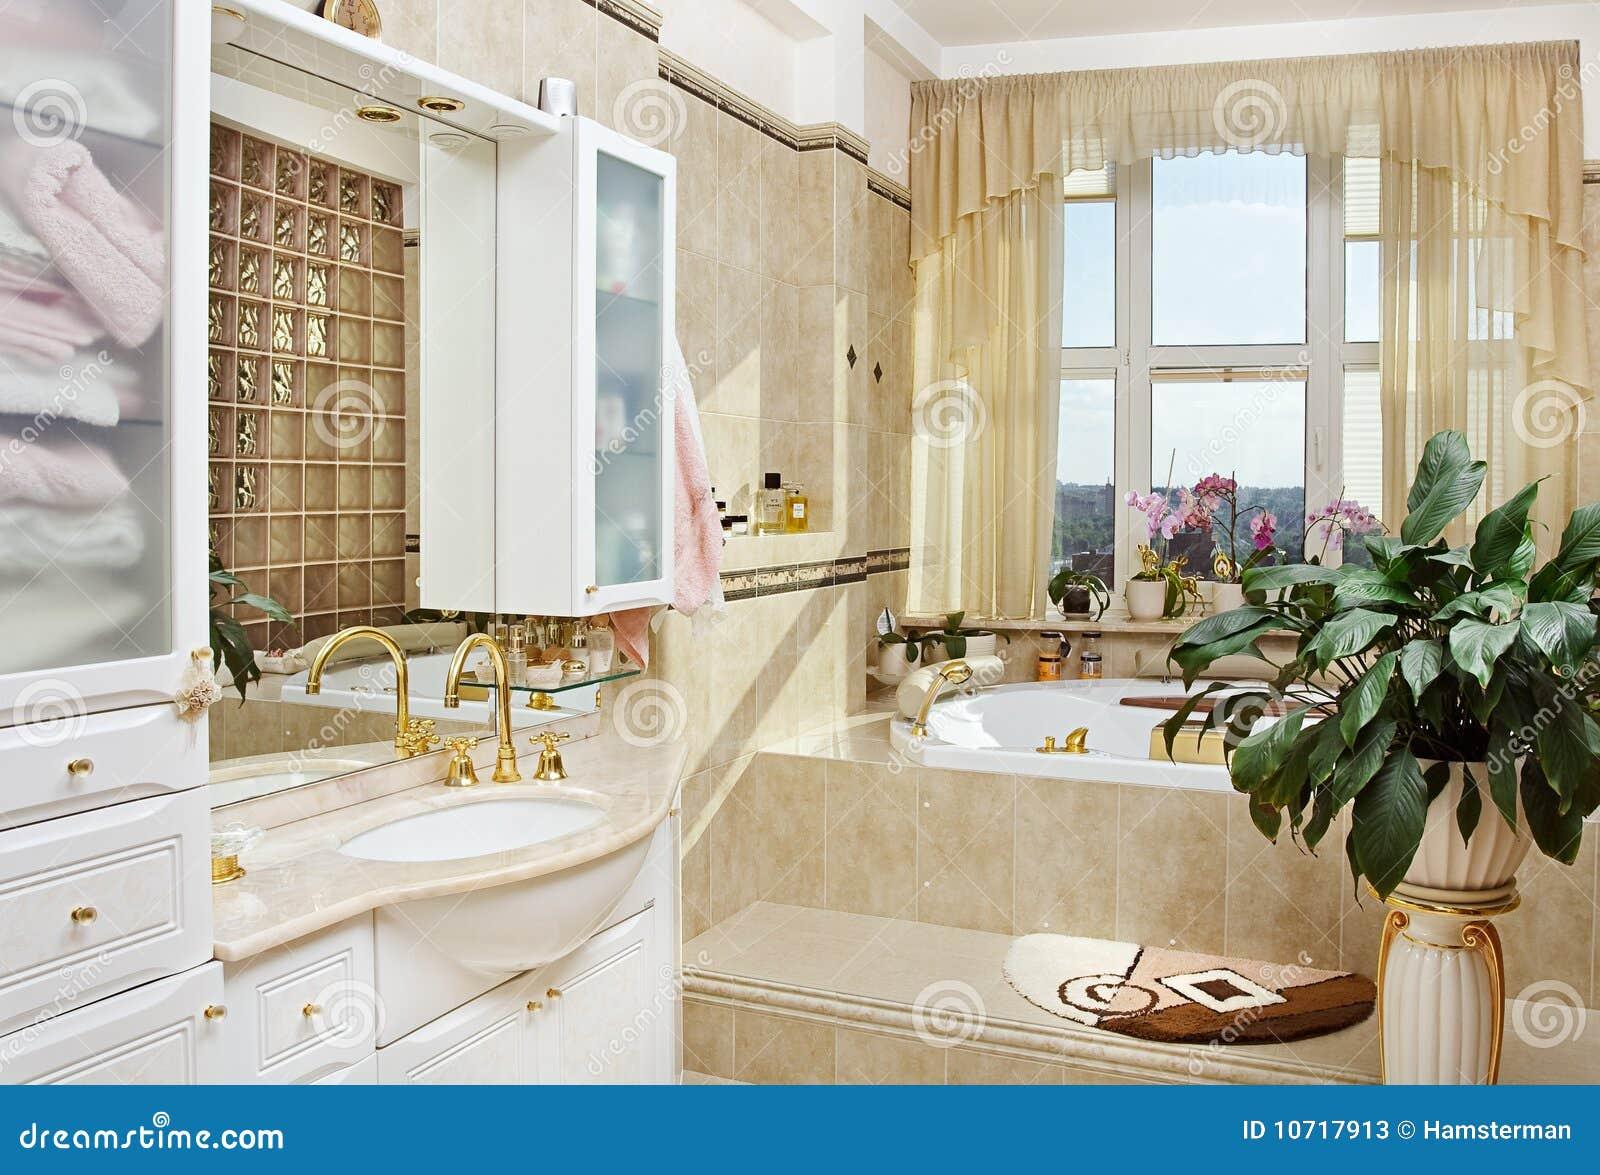 Bagno Romantico Foto : Interiore romantico della stanza da bagno dell oro immagine stock